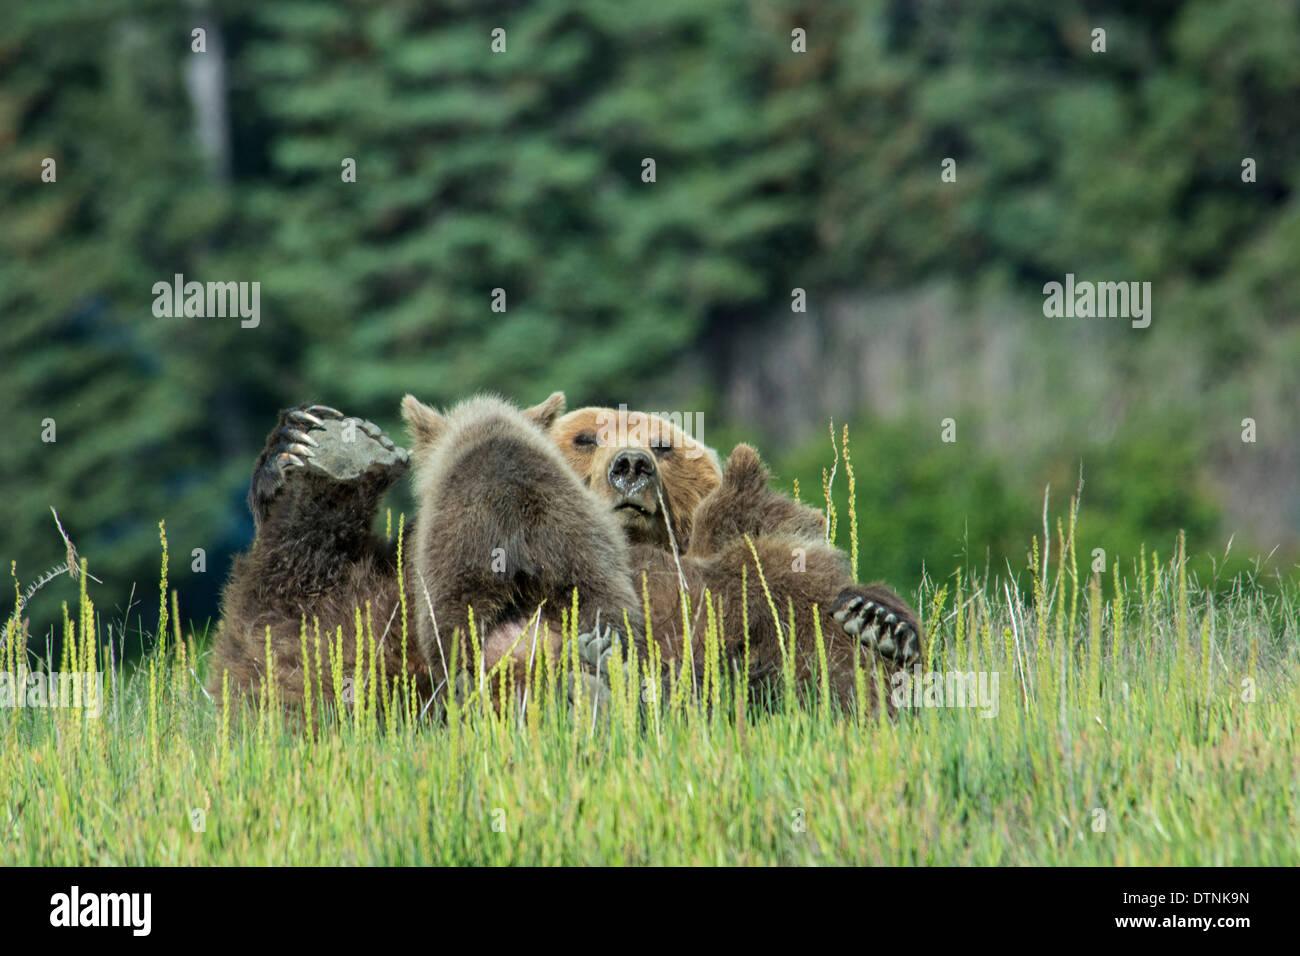 Grizzly Bear Sow, Ursus arctos, sobre su espalda, enfermería dos cachorros de primavera, el Parque Nacional Lake Clark, Alaska, EE.UU. Imagen De Stock